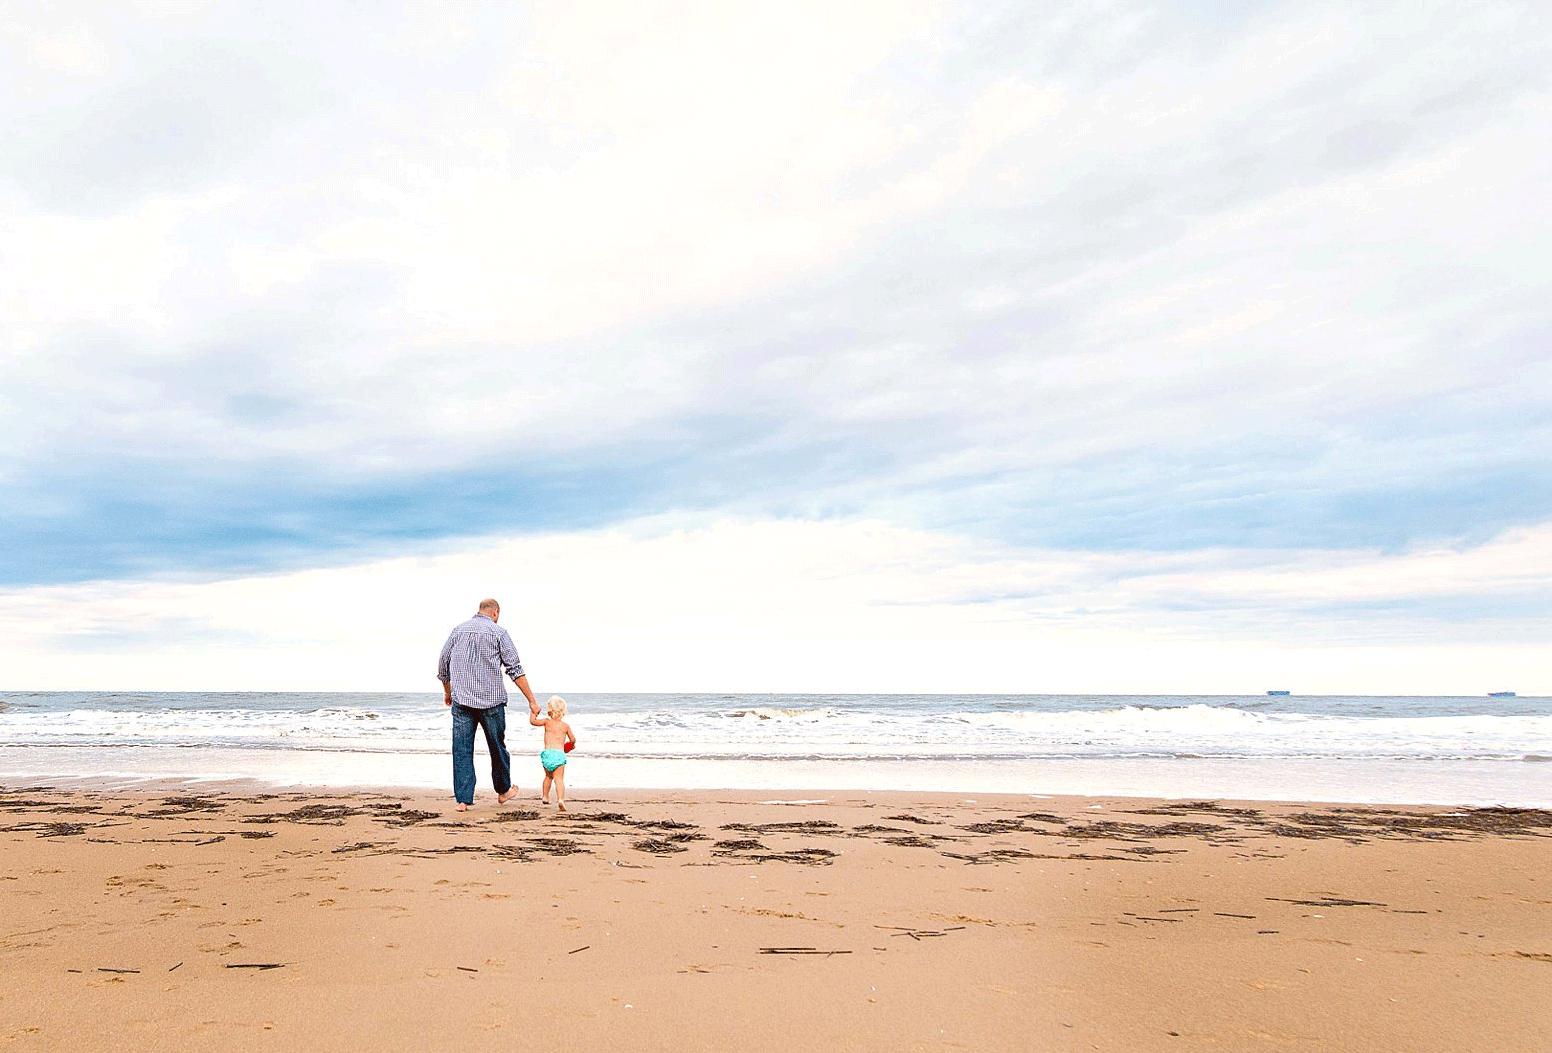 virginia-beach-family-photographers-father-and-young-girl-on-the-beach-melissa-bliss-photography-sandbridge-beach-photographerfs.png